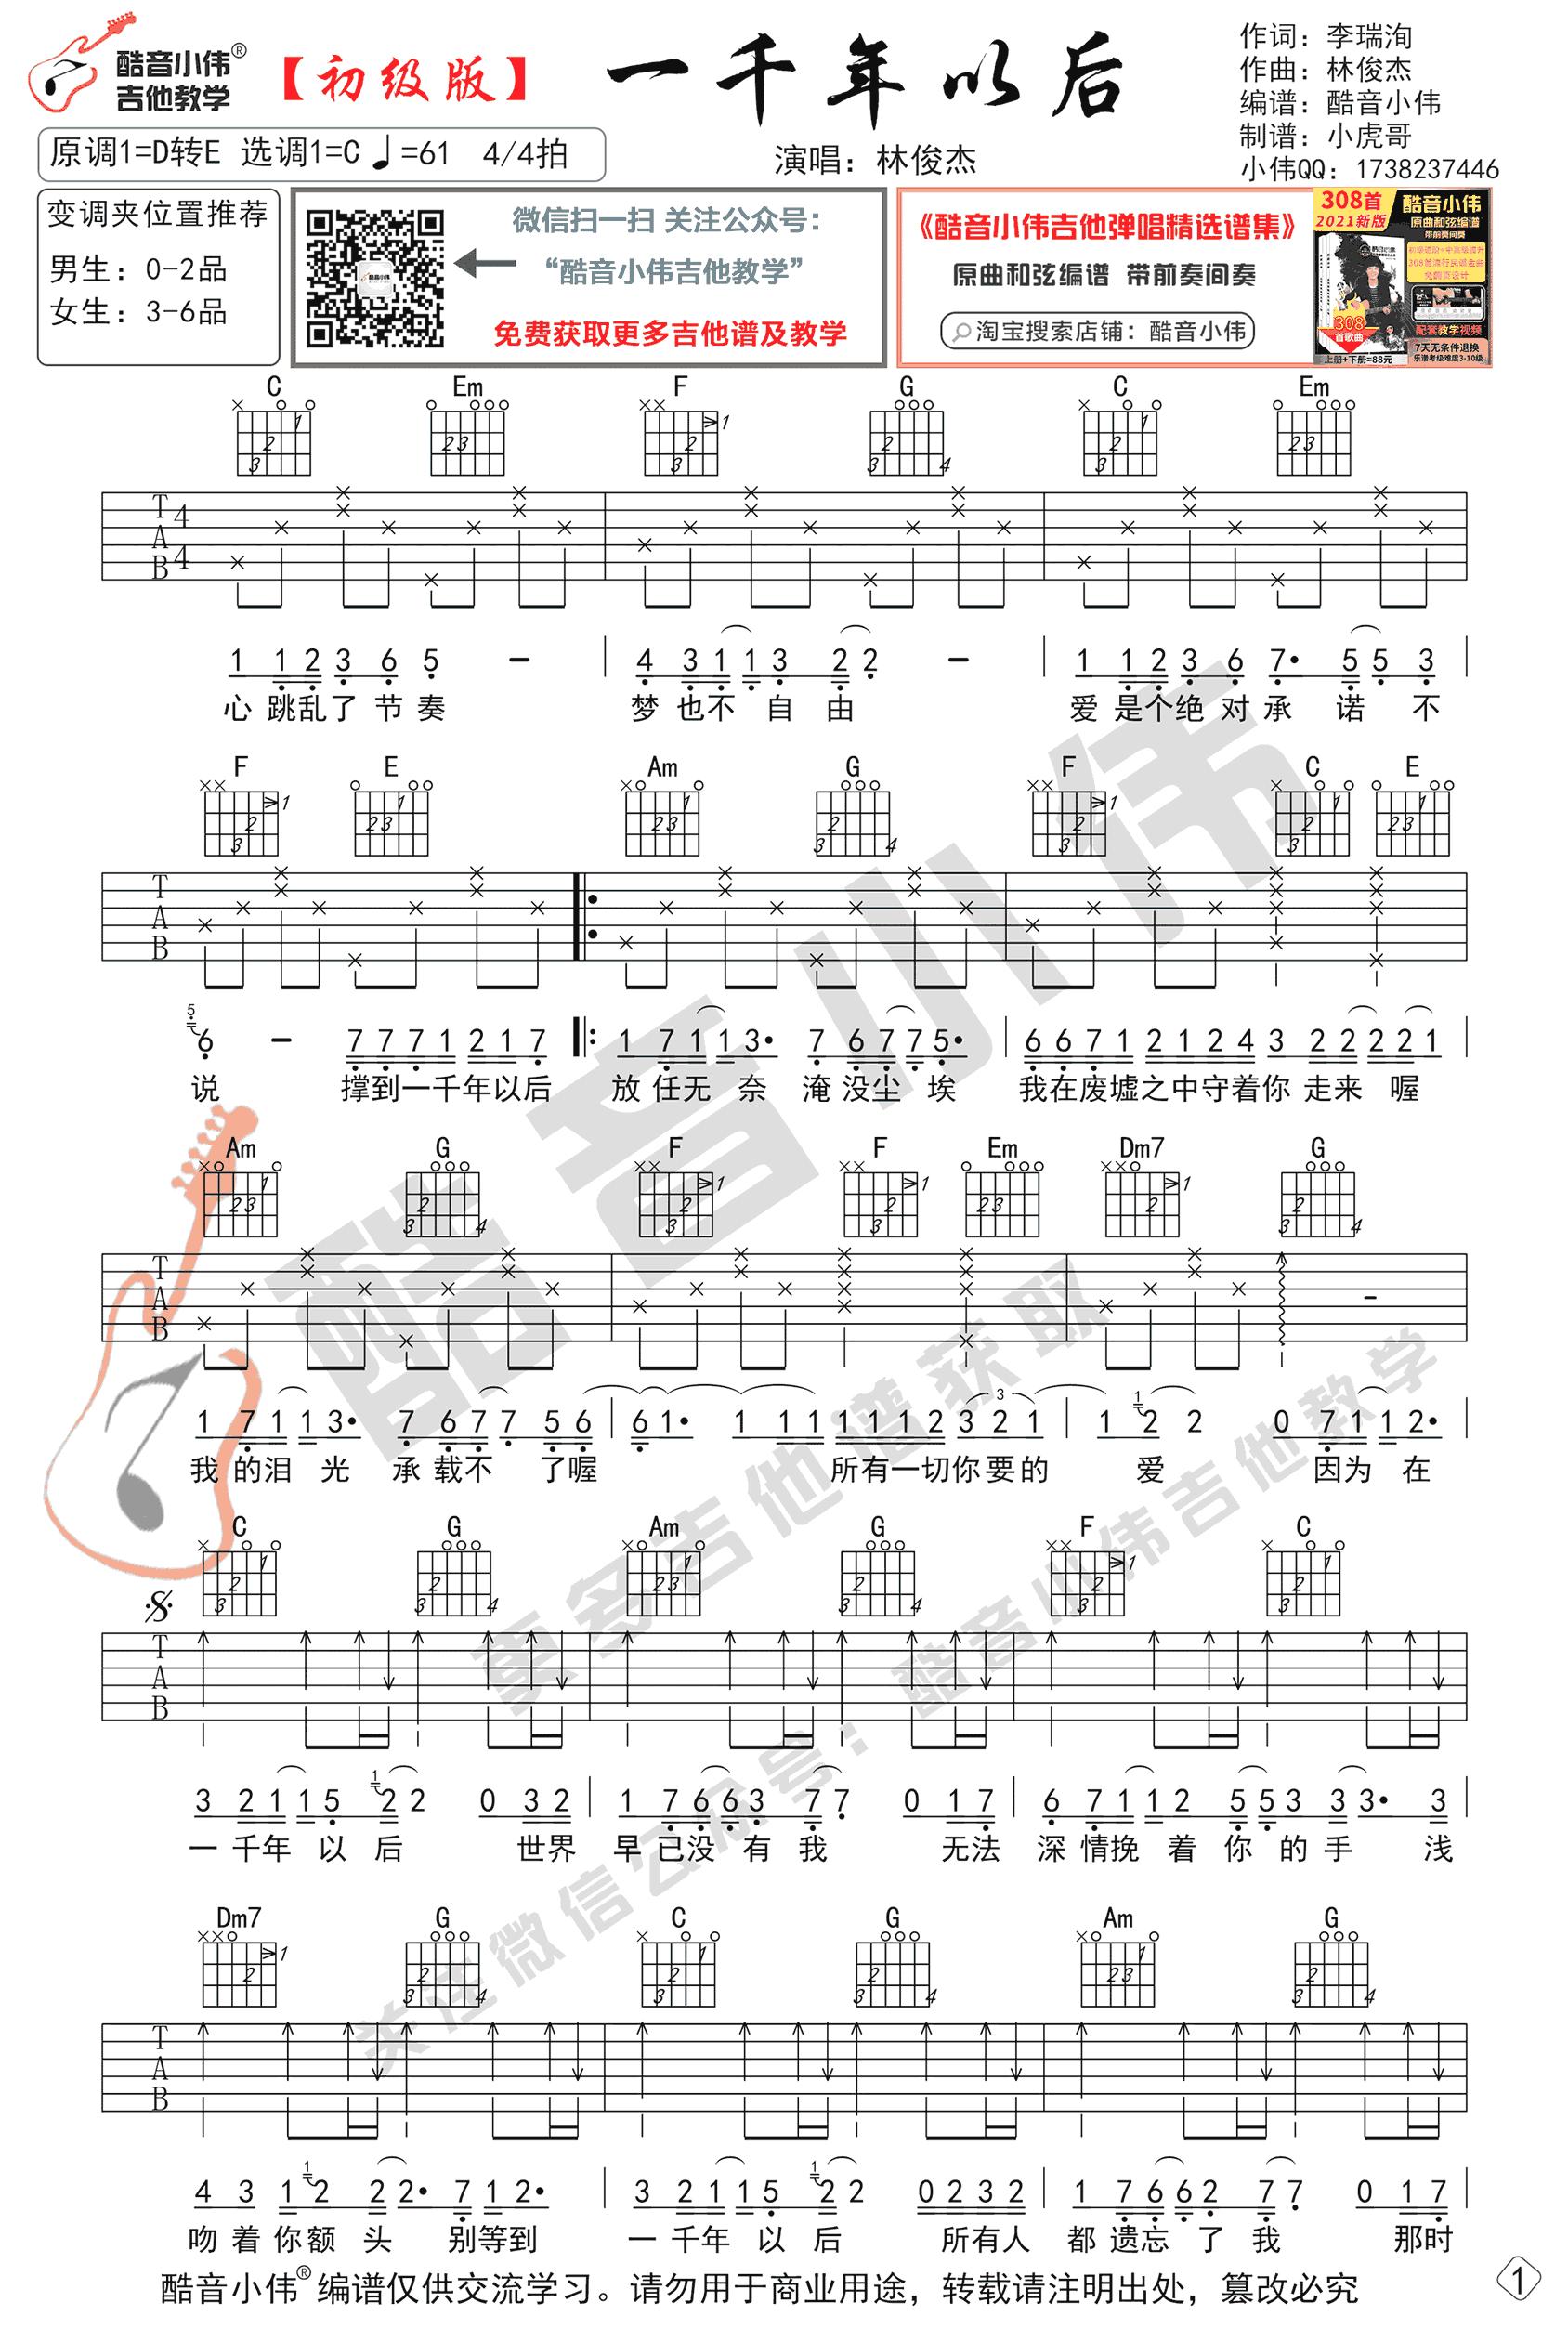 林俊杰-一千年以后吉他谱简单版-1